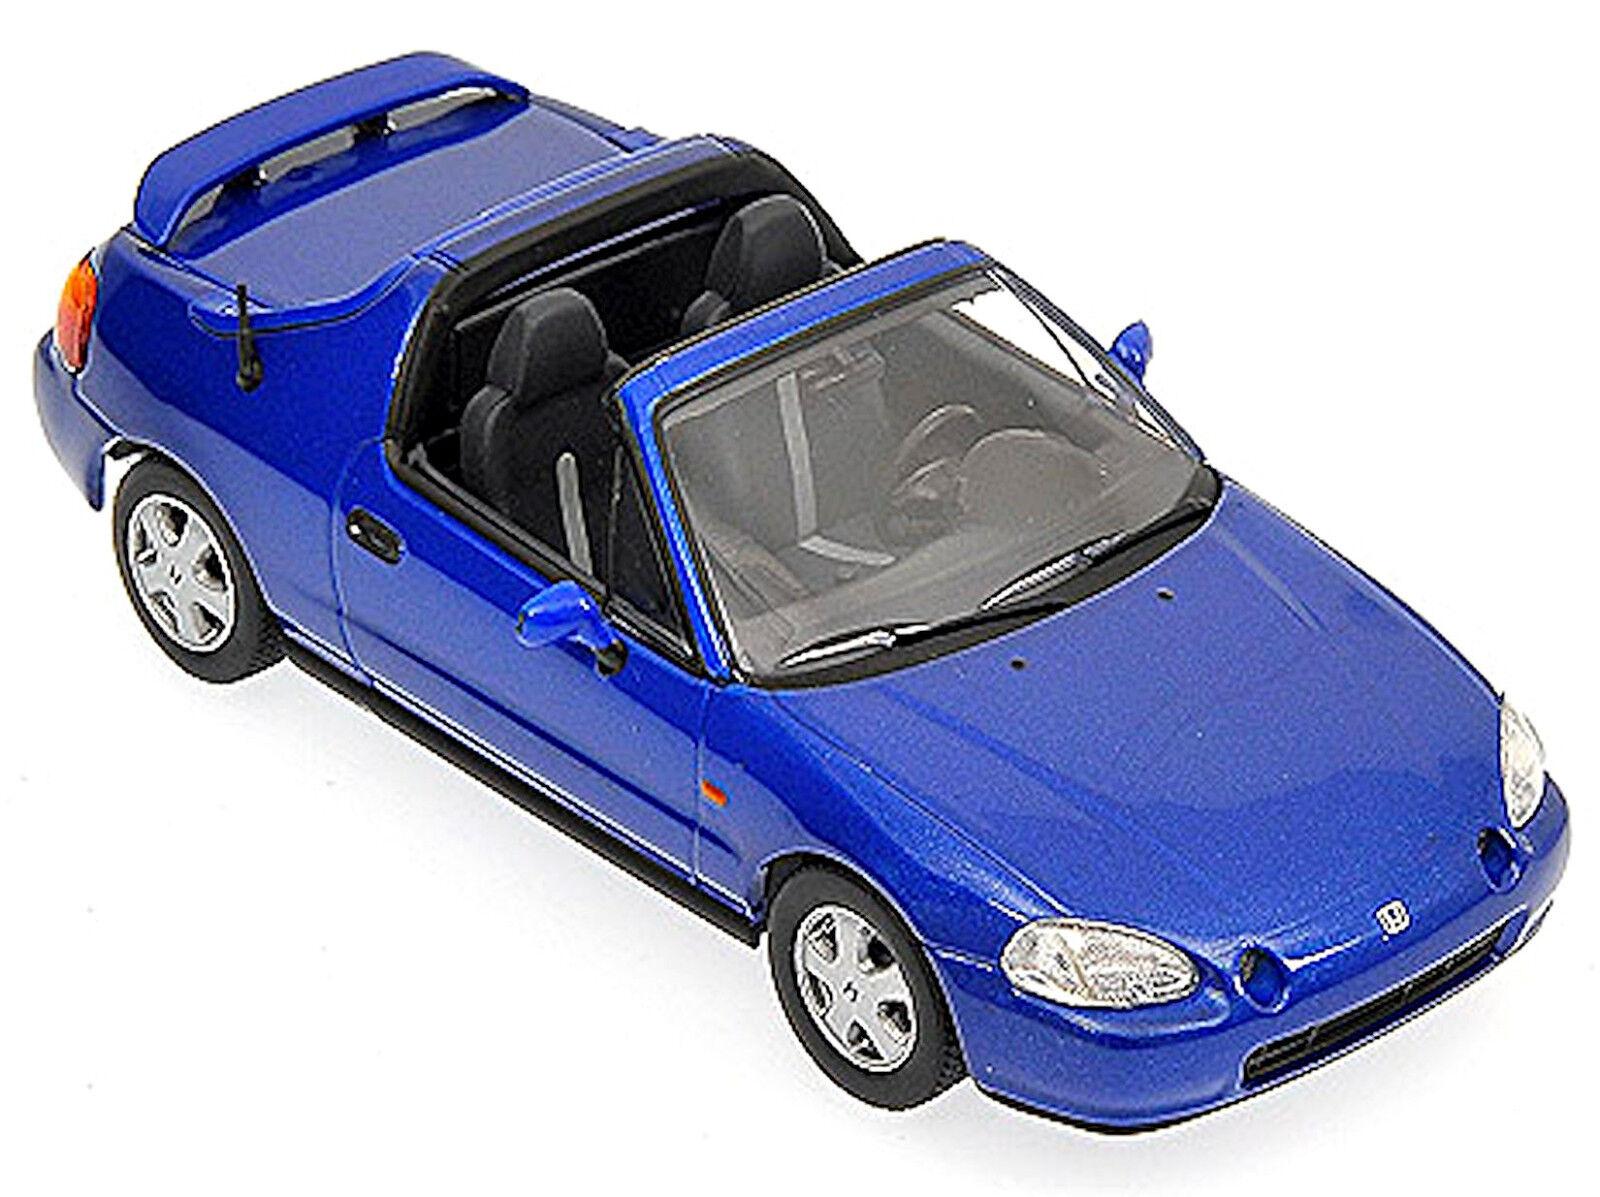 Honda Cr-X Del Sol 1992-98 blu blu Metalizado 1 43 Minichamps